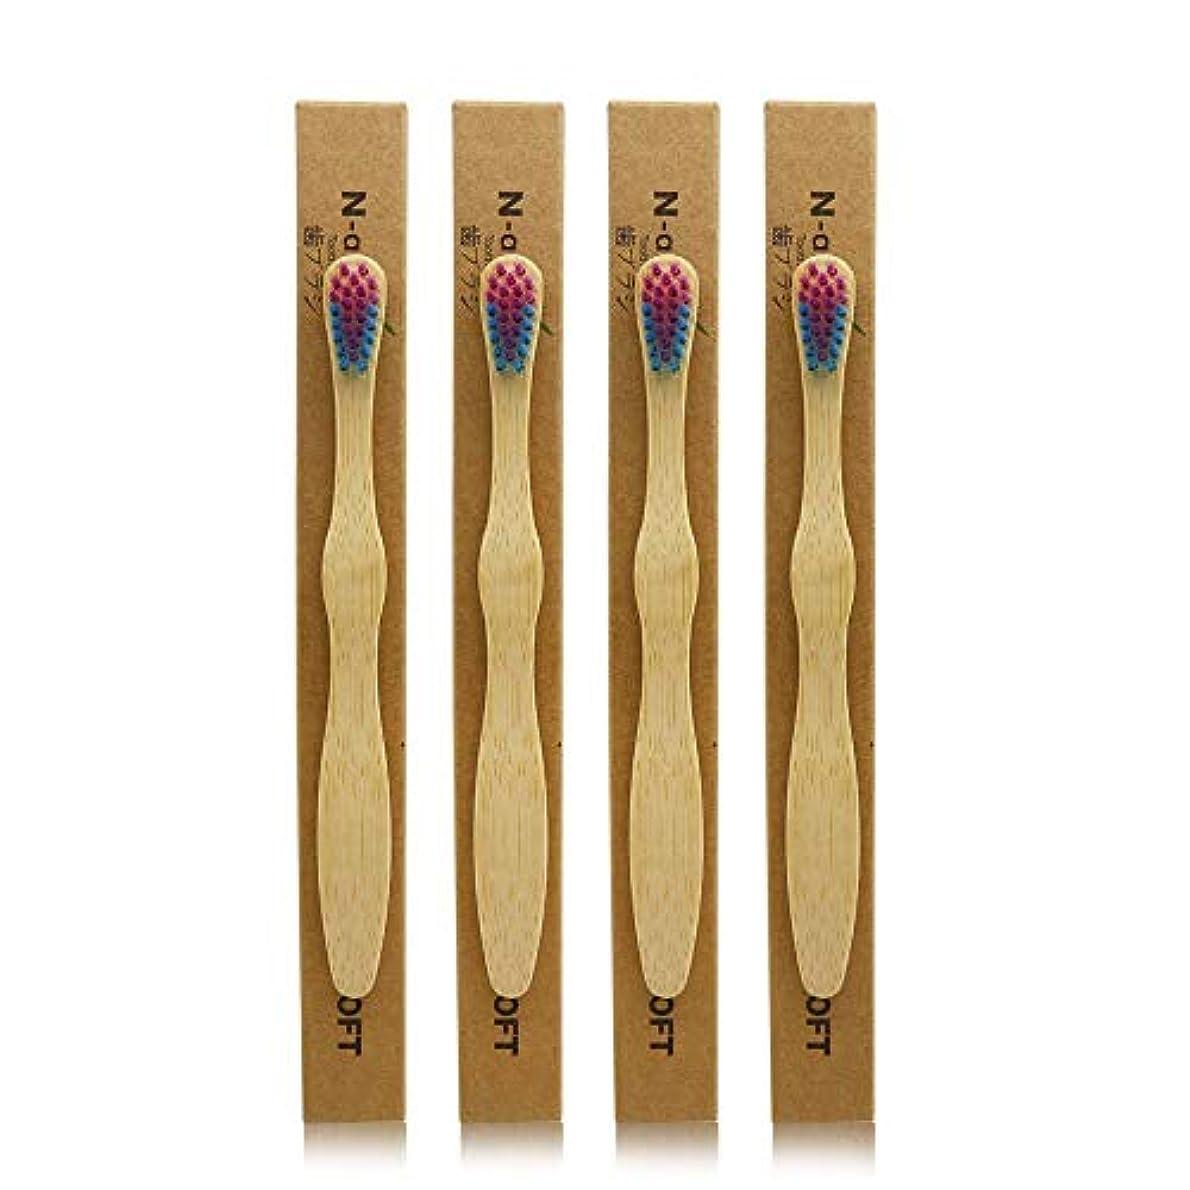 速いテザー首相N-amboo 竹製耐久度高い 子供 歯ブラシ エコ 4本入り セット むらさきいろ